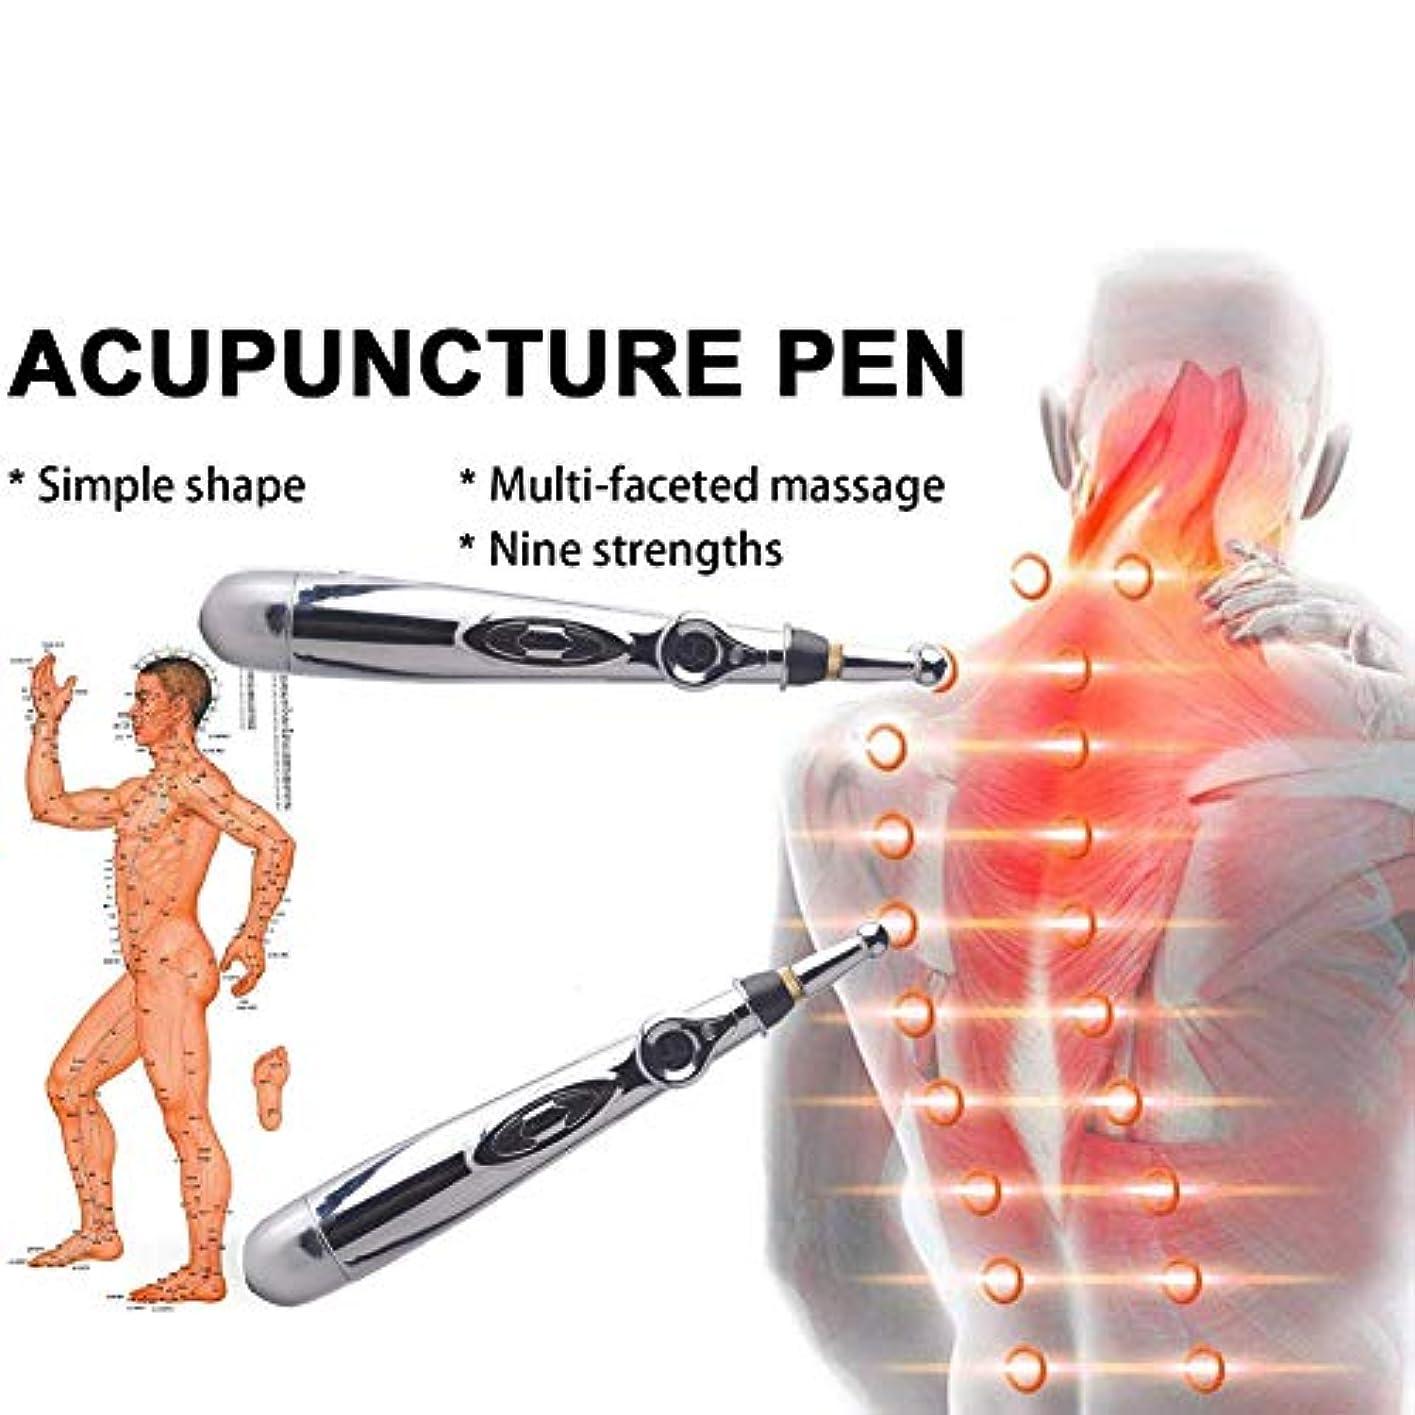 丘コミュニティ理容師鍼治療ペン、痛み緩和療法子午線エネルギーパルスマッサージペン療法楽器子午線エネルギーペンマッサージ師救済痛みツール